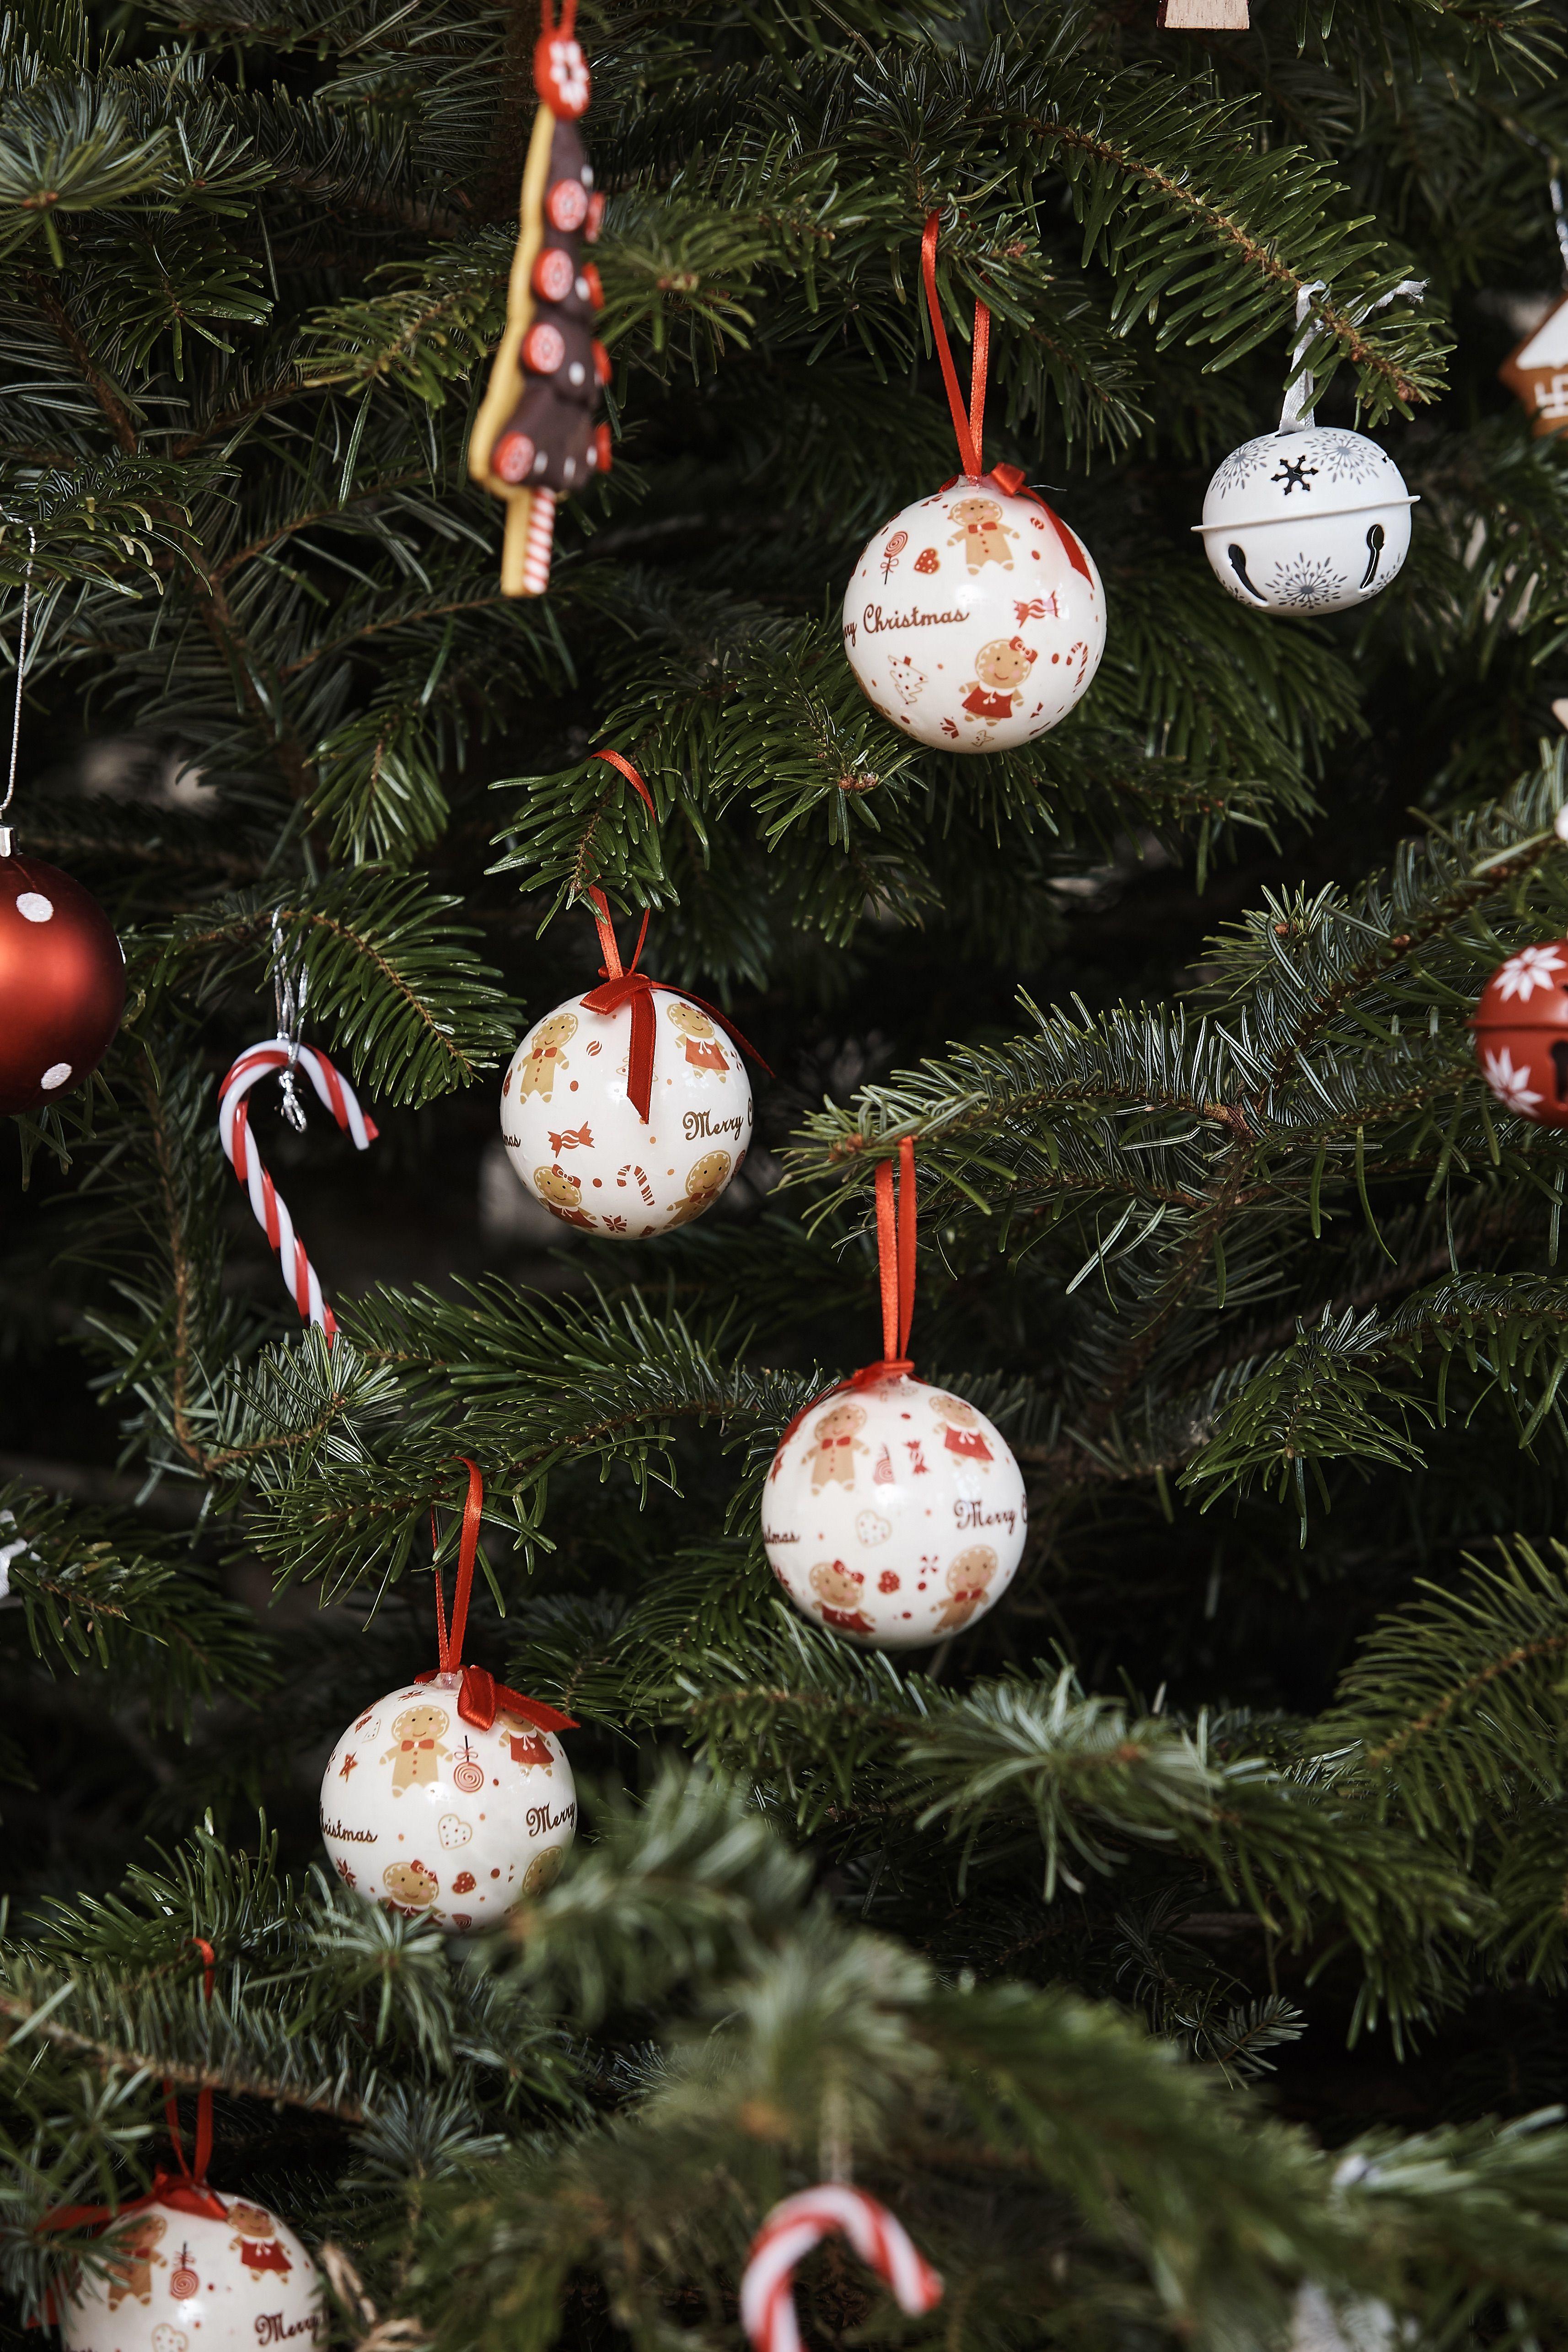 Decoration De Noel Decoration Noel Noel Esprit De Noel